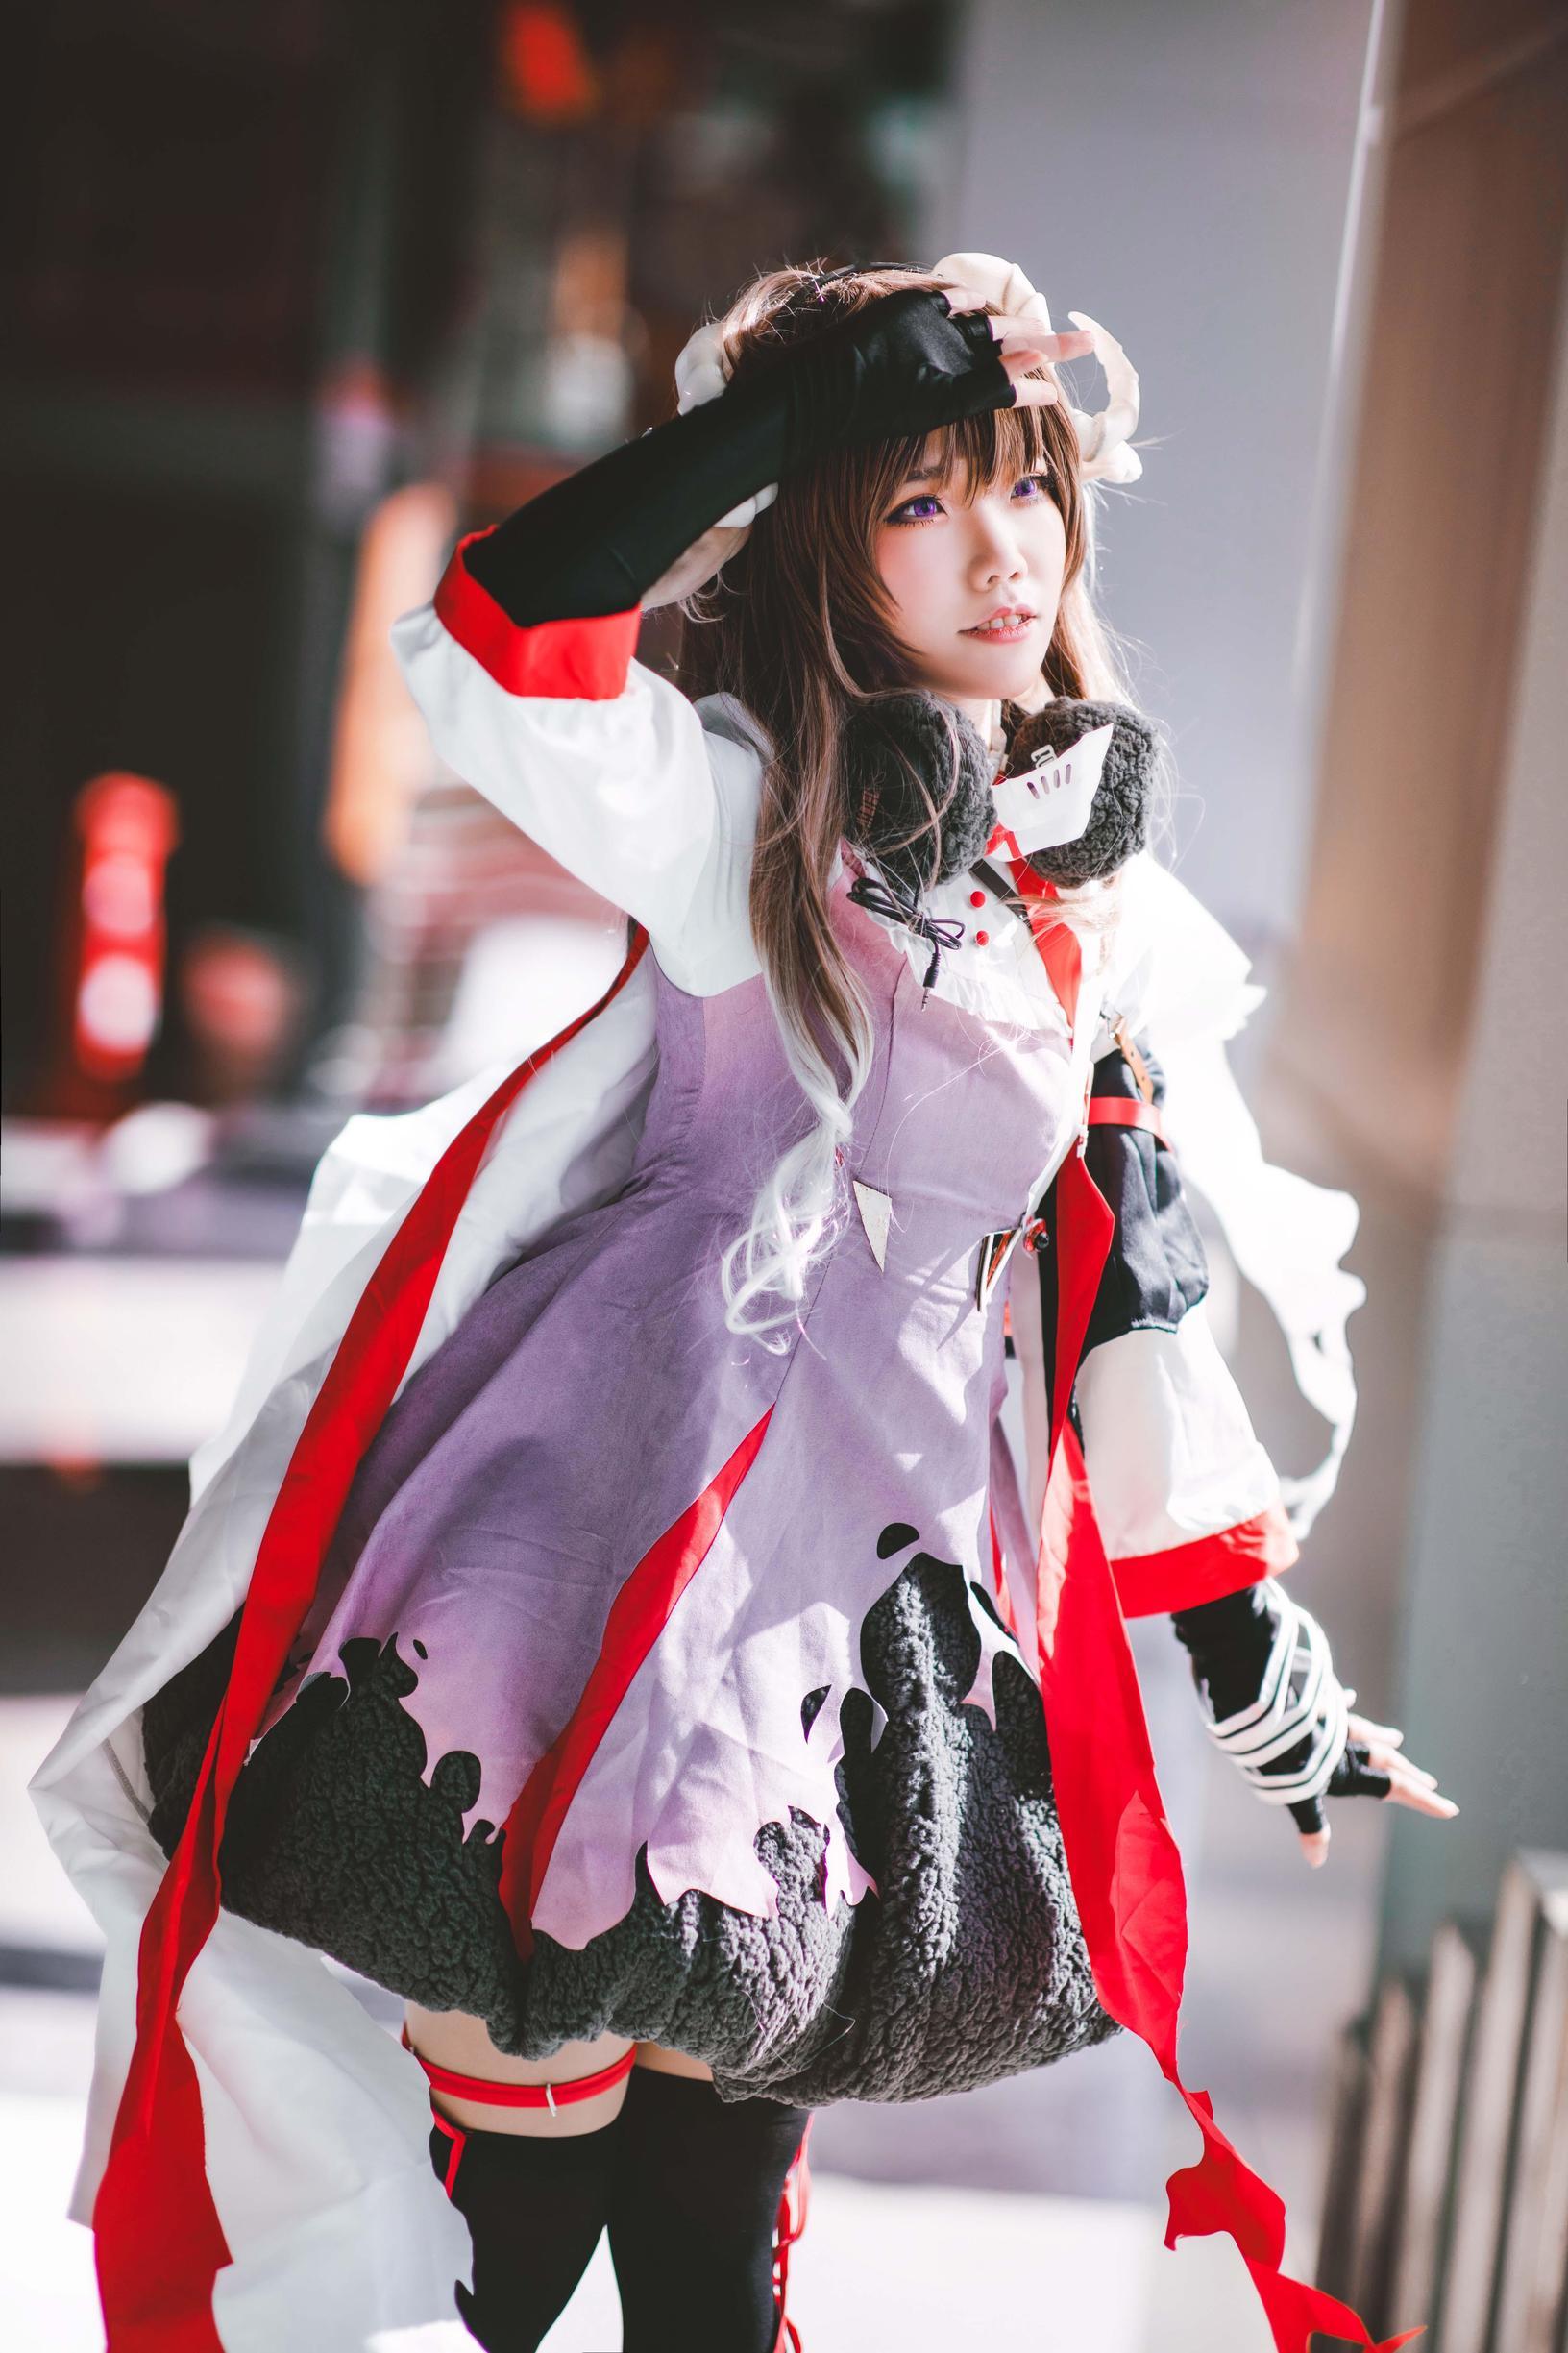 《明日方舟》漫展cosplay【CN:七月流火xx】-第8张